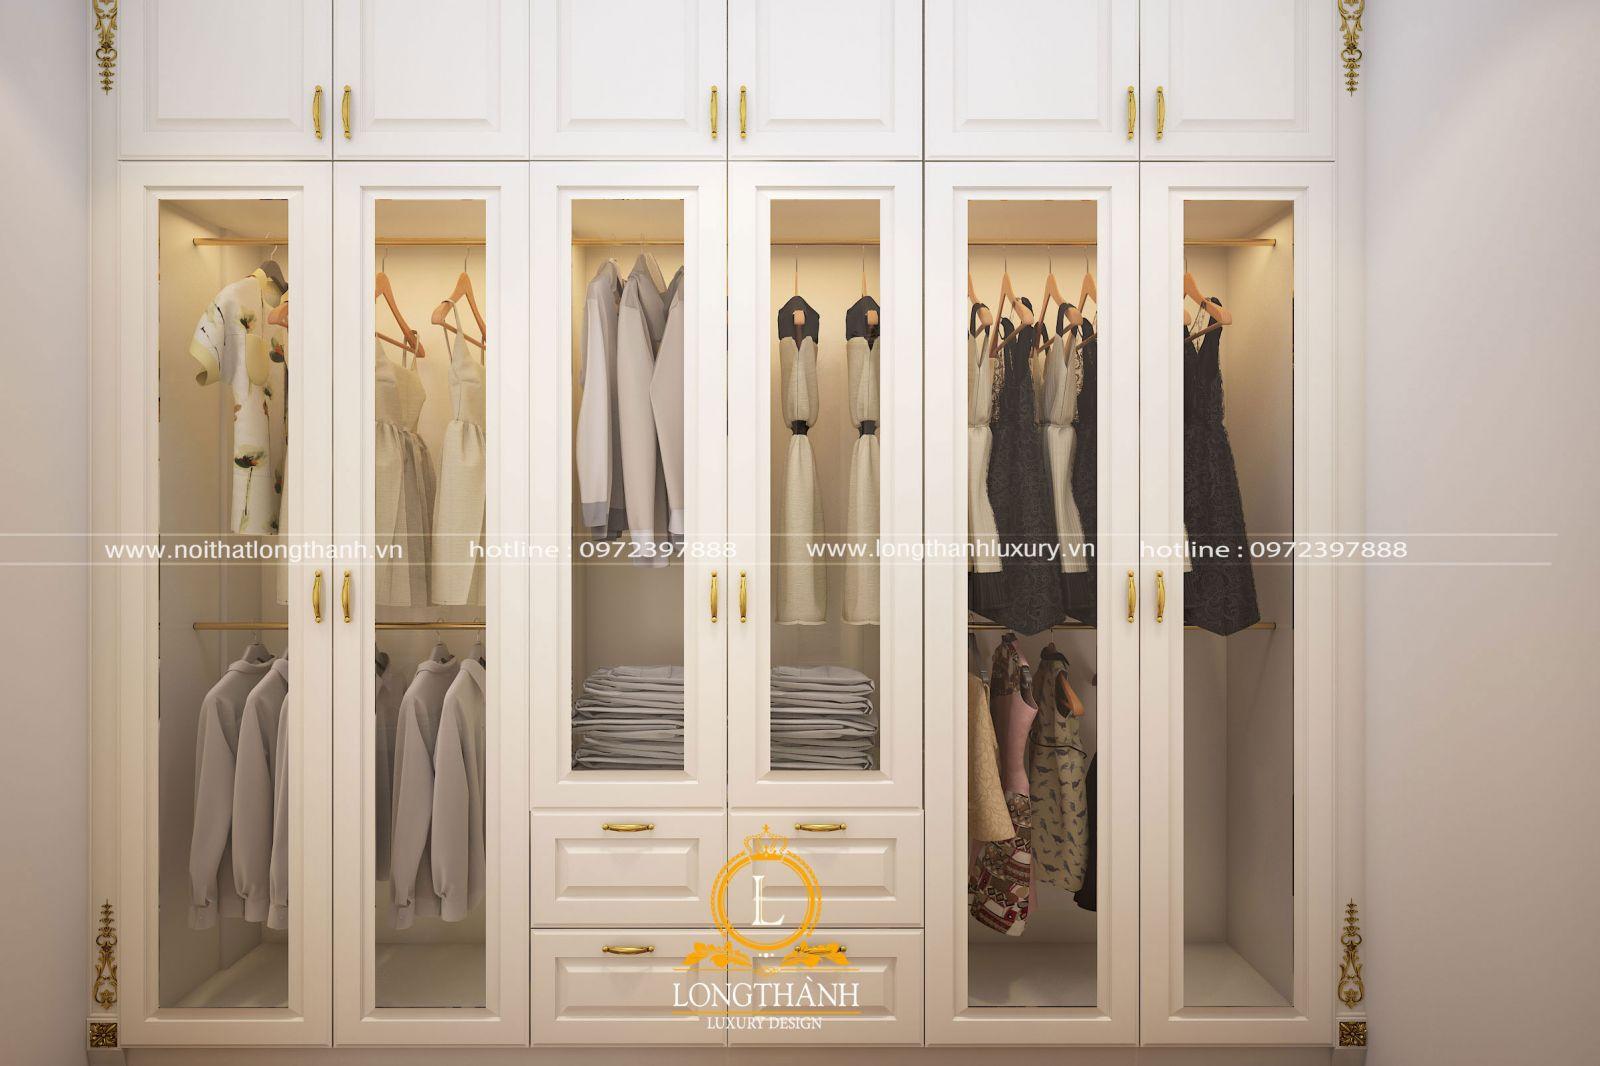 Tủ quần áođược thiết kếbảo đảm tính tiện nghi vàvô cùng sang trọng